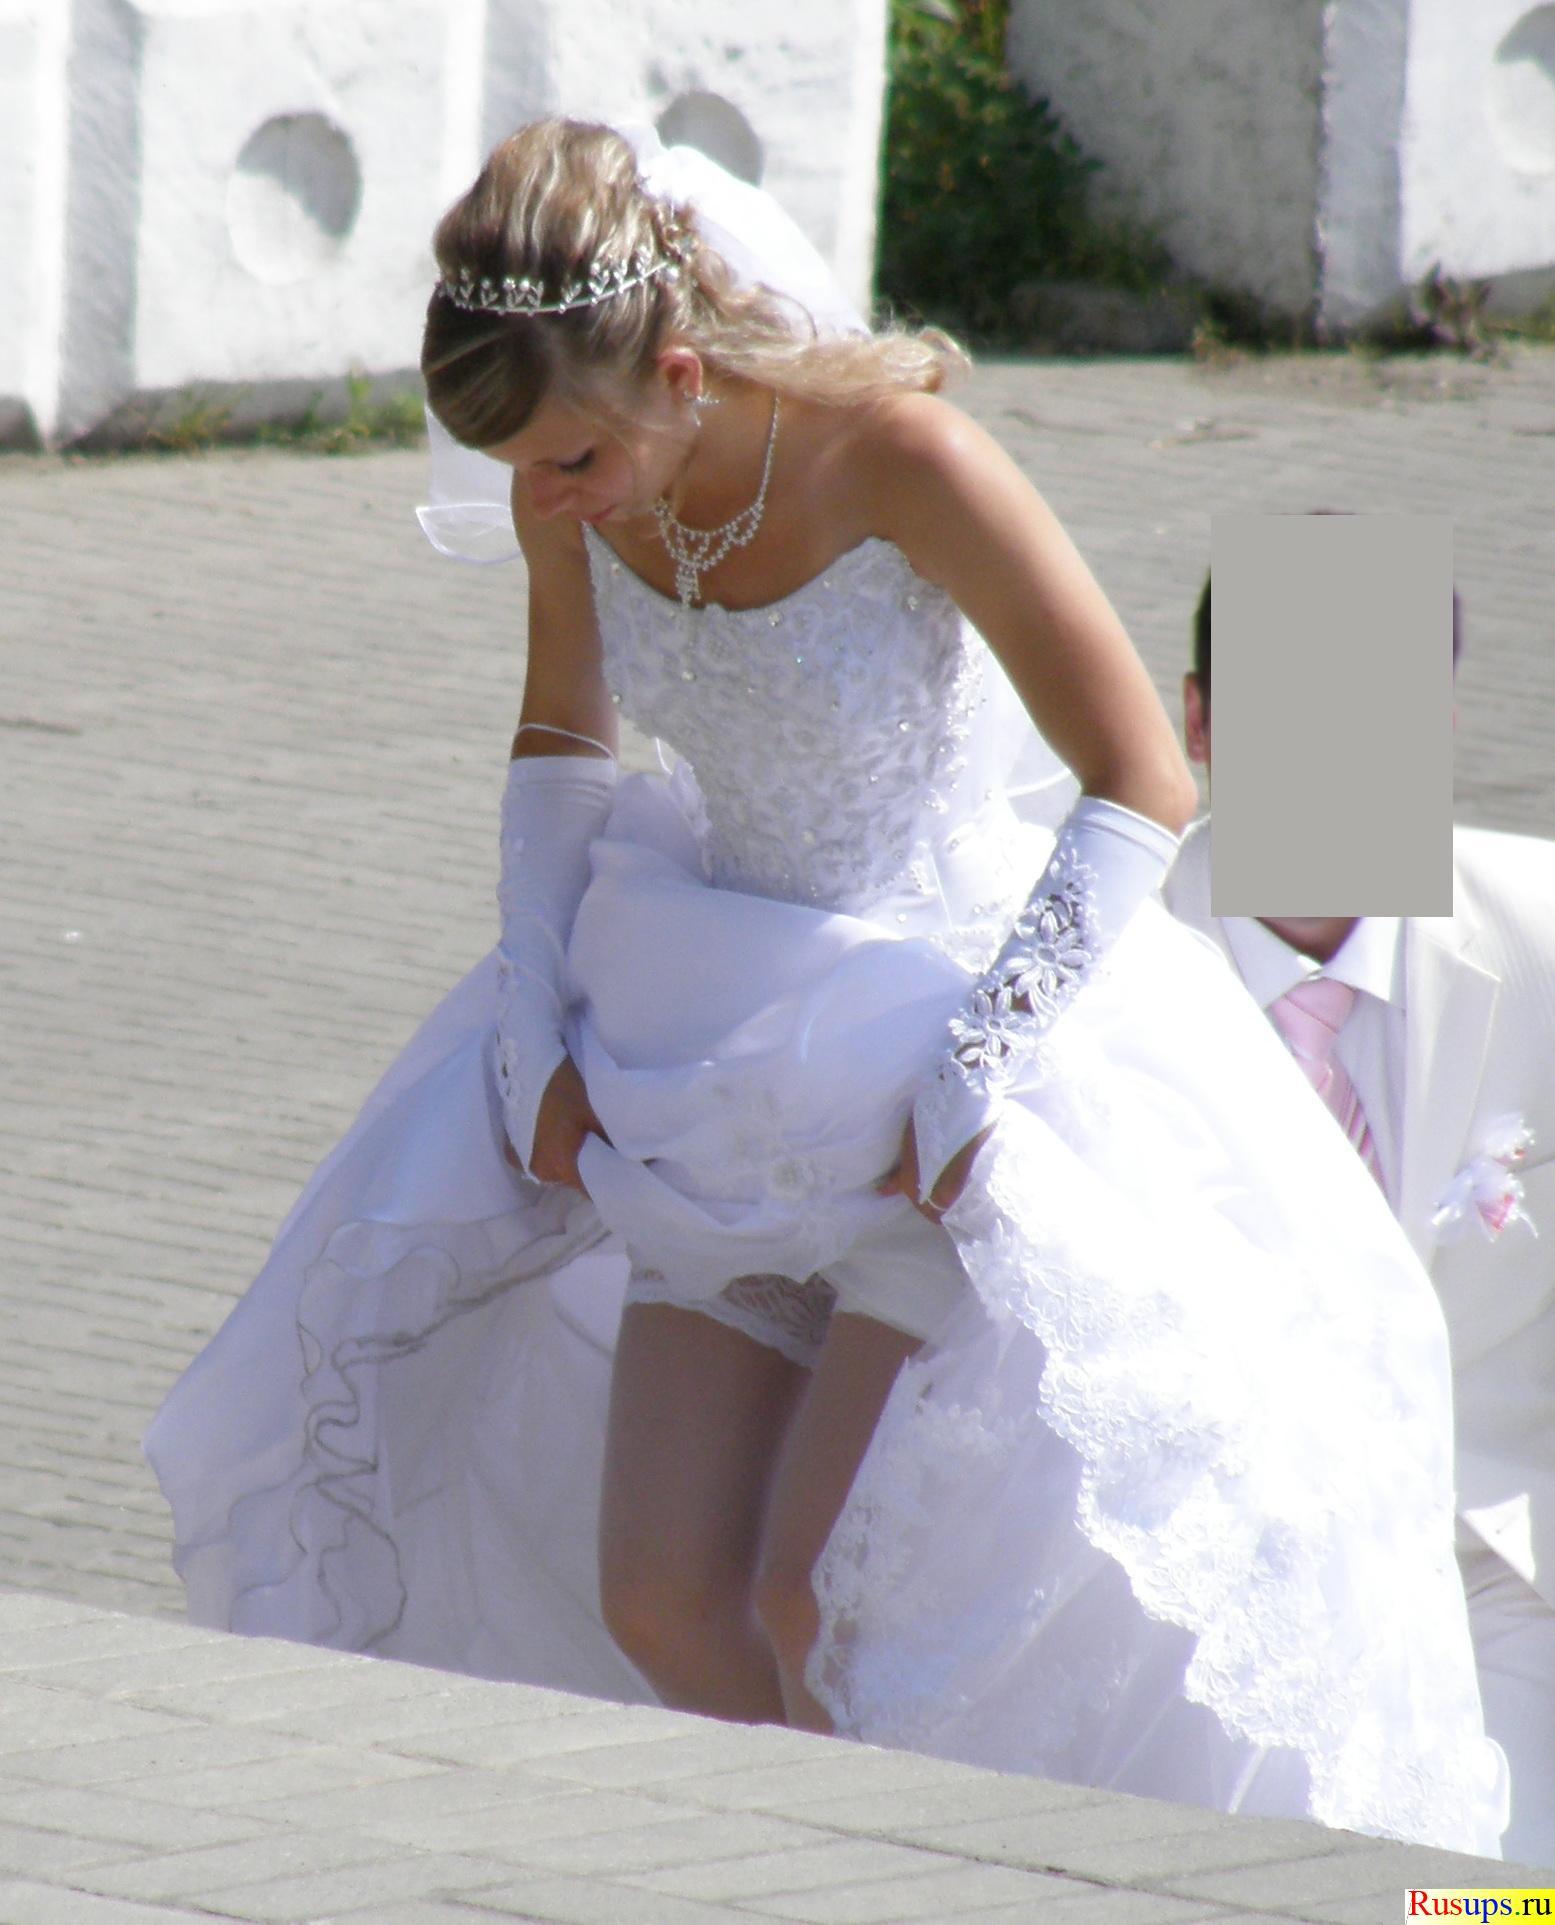 Что под юбками у невест смотреть бесплатно 4 фотография